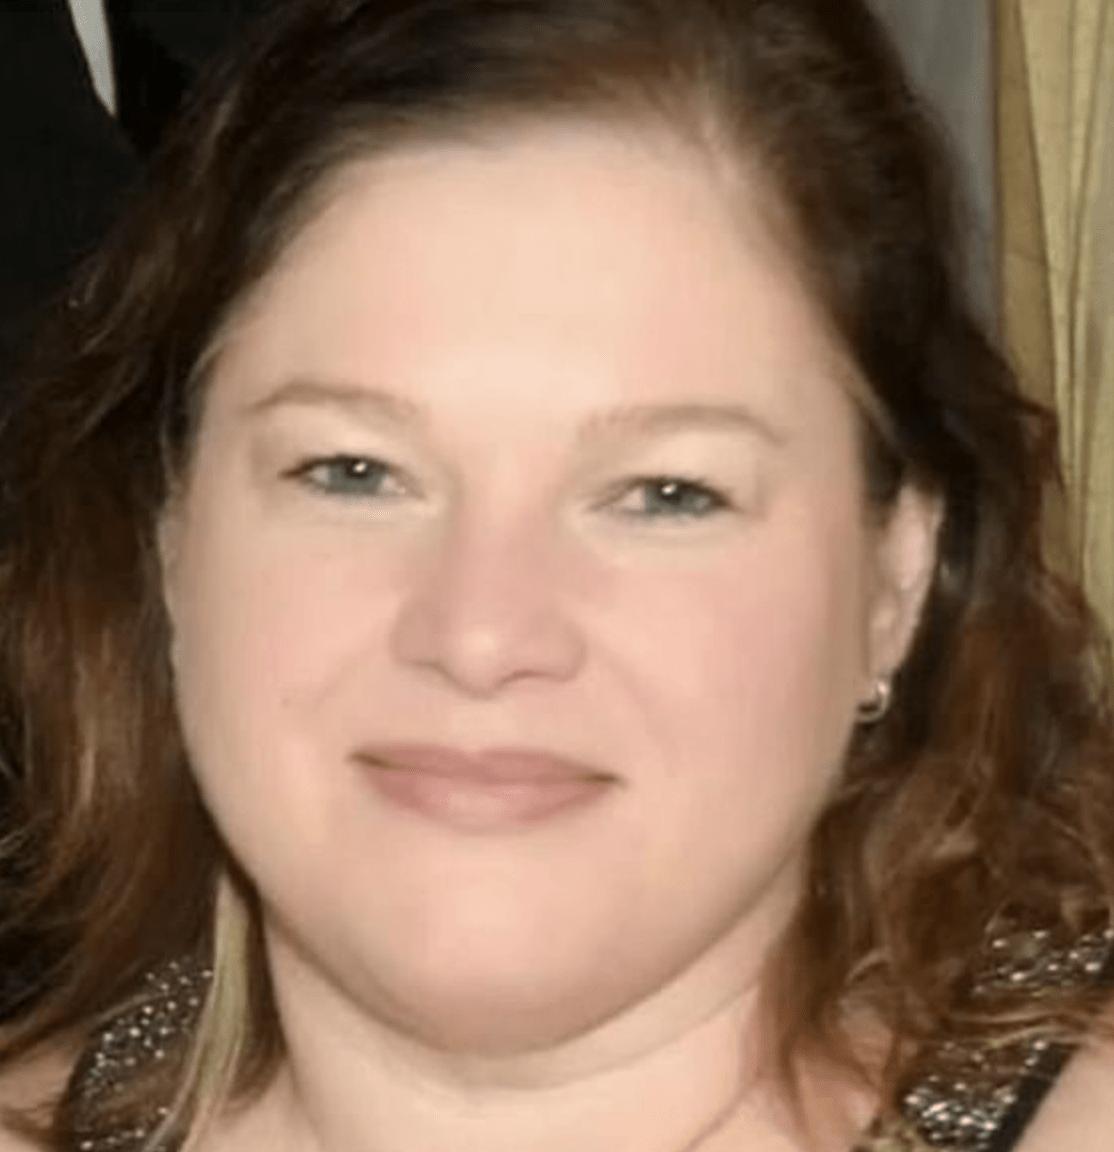 Genene Norris: 48-year-old Australian woman develops blood clots, dead six days after AstraZeneca shot